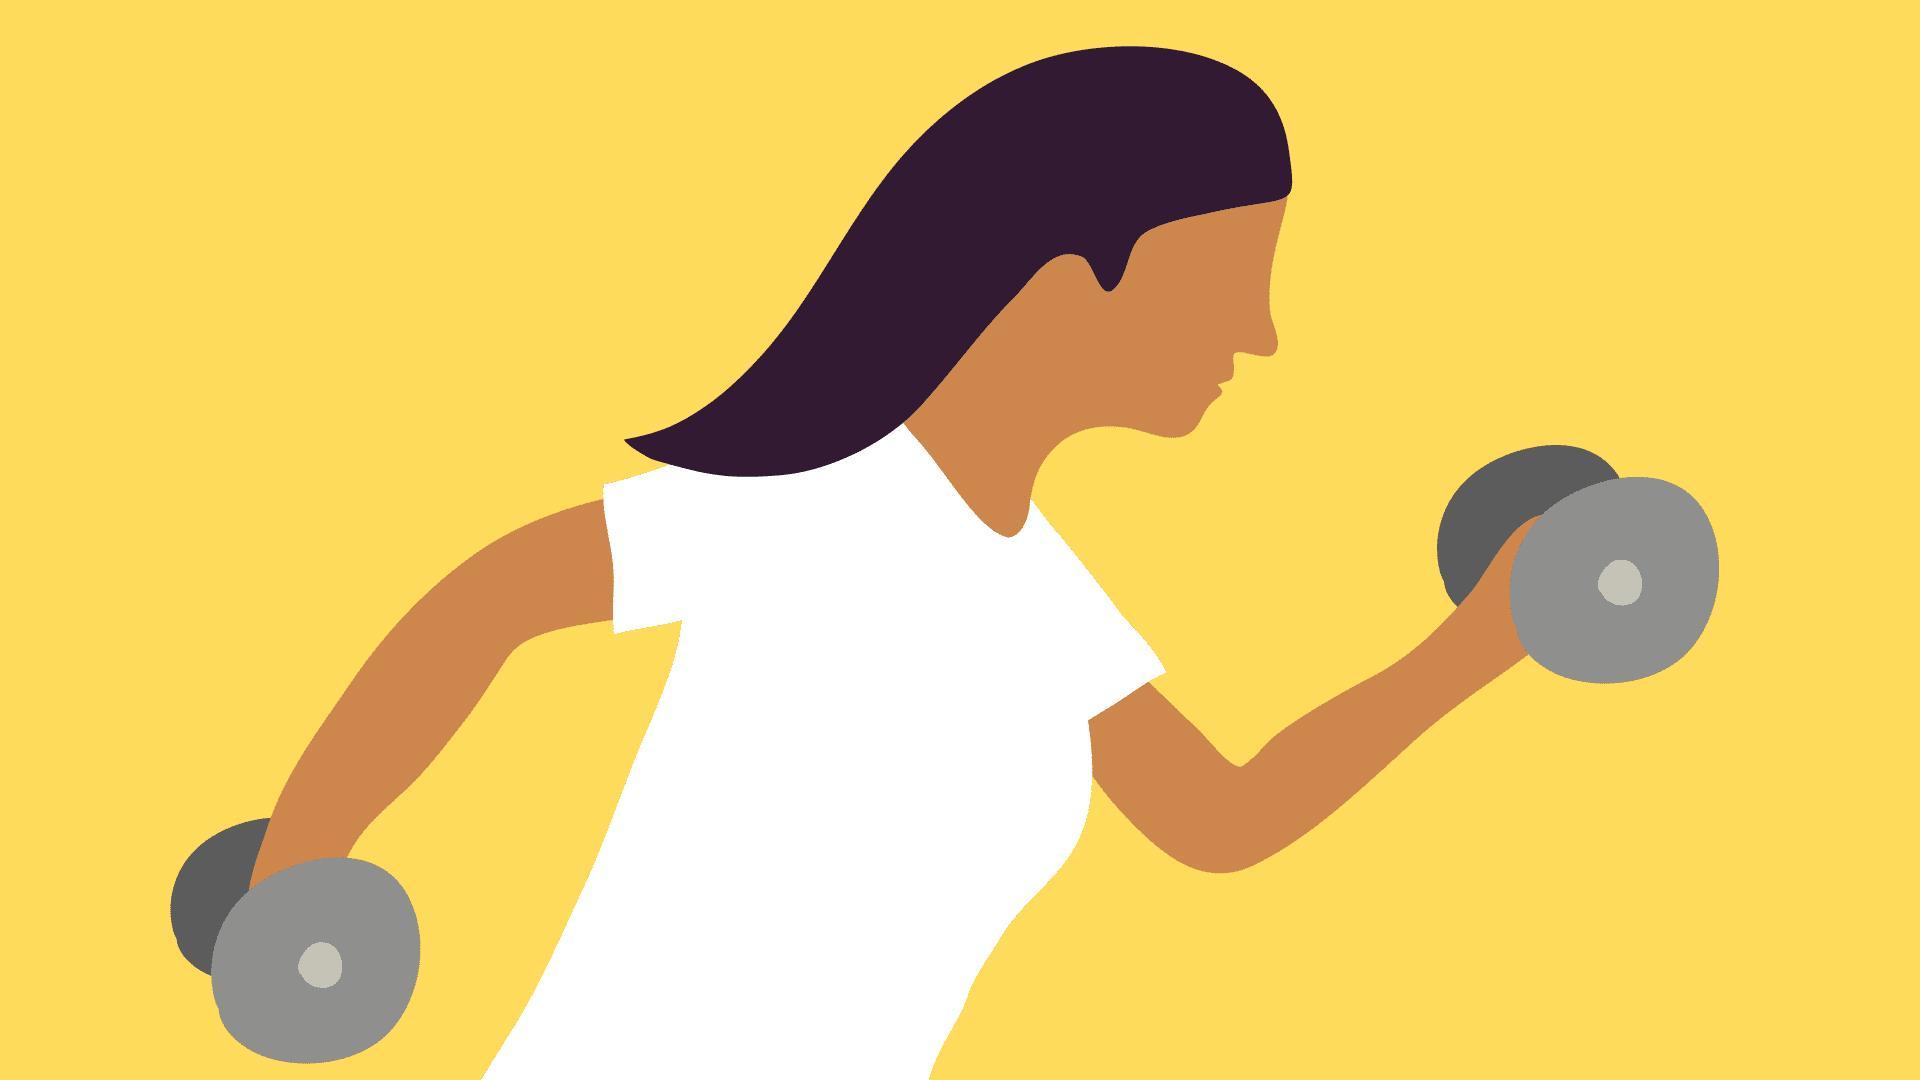 16 - راهکارهایی برای چاق شدن و افزایش وزن